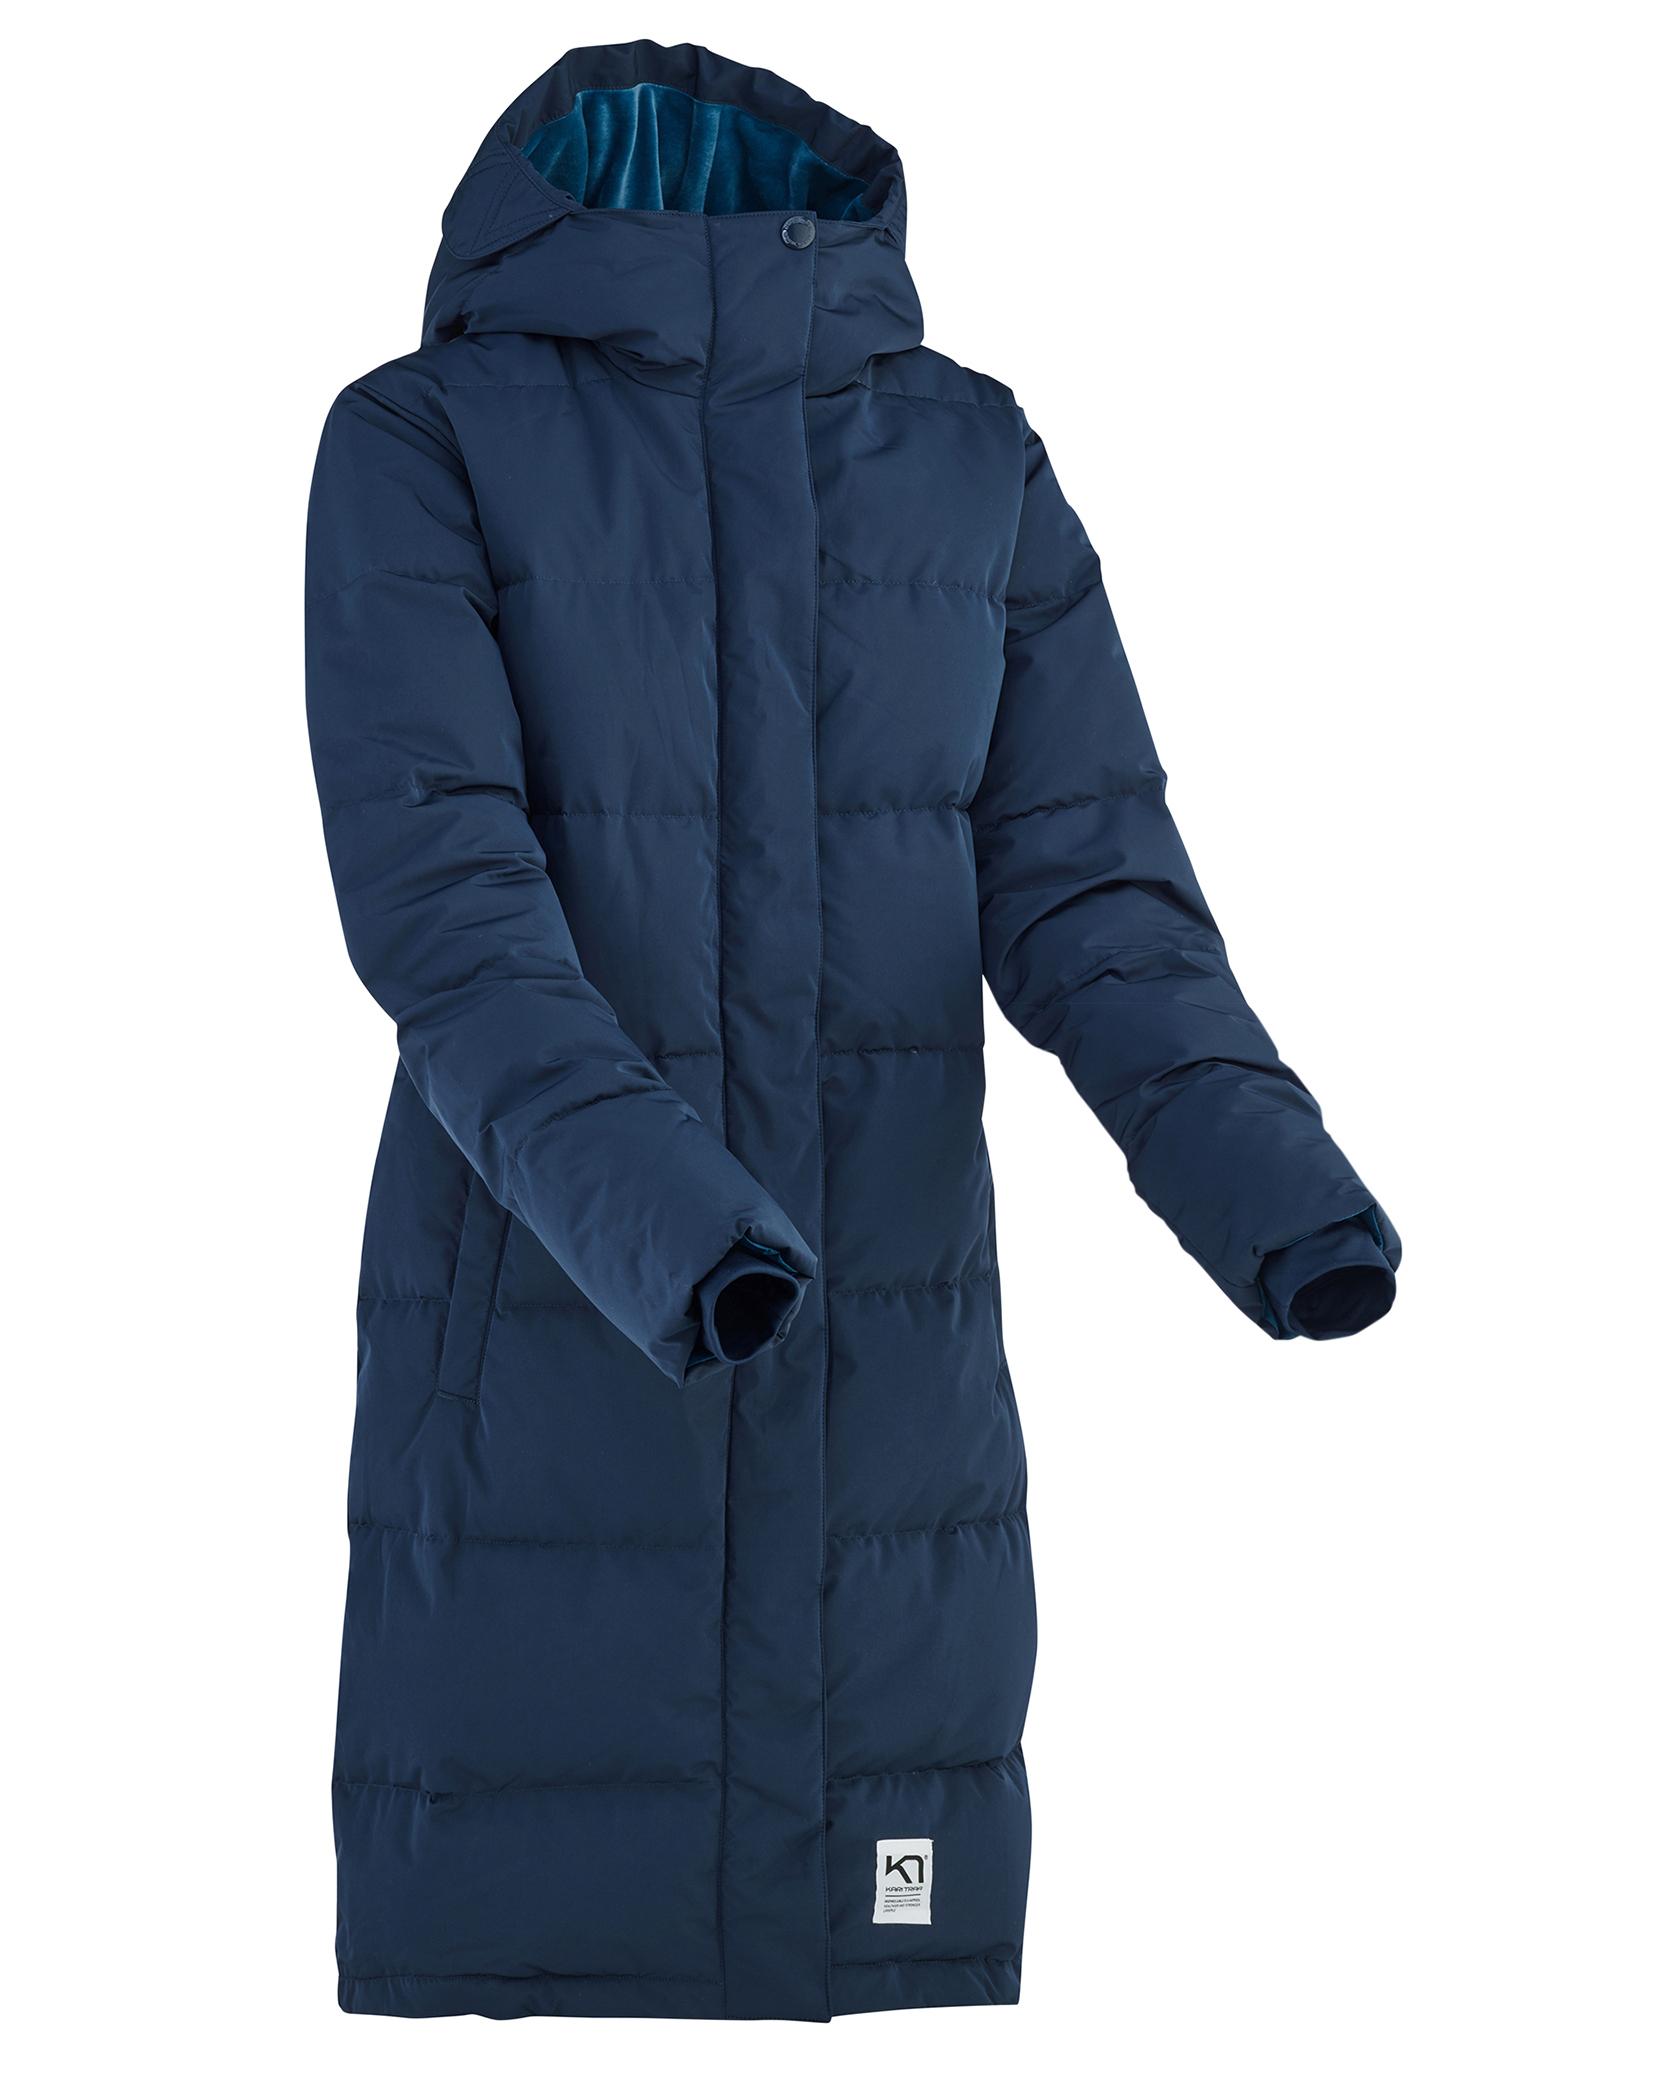 Köp snygga jackor till dam för alla årstider  